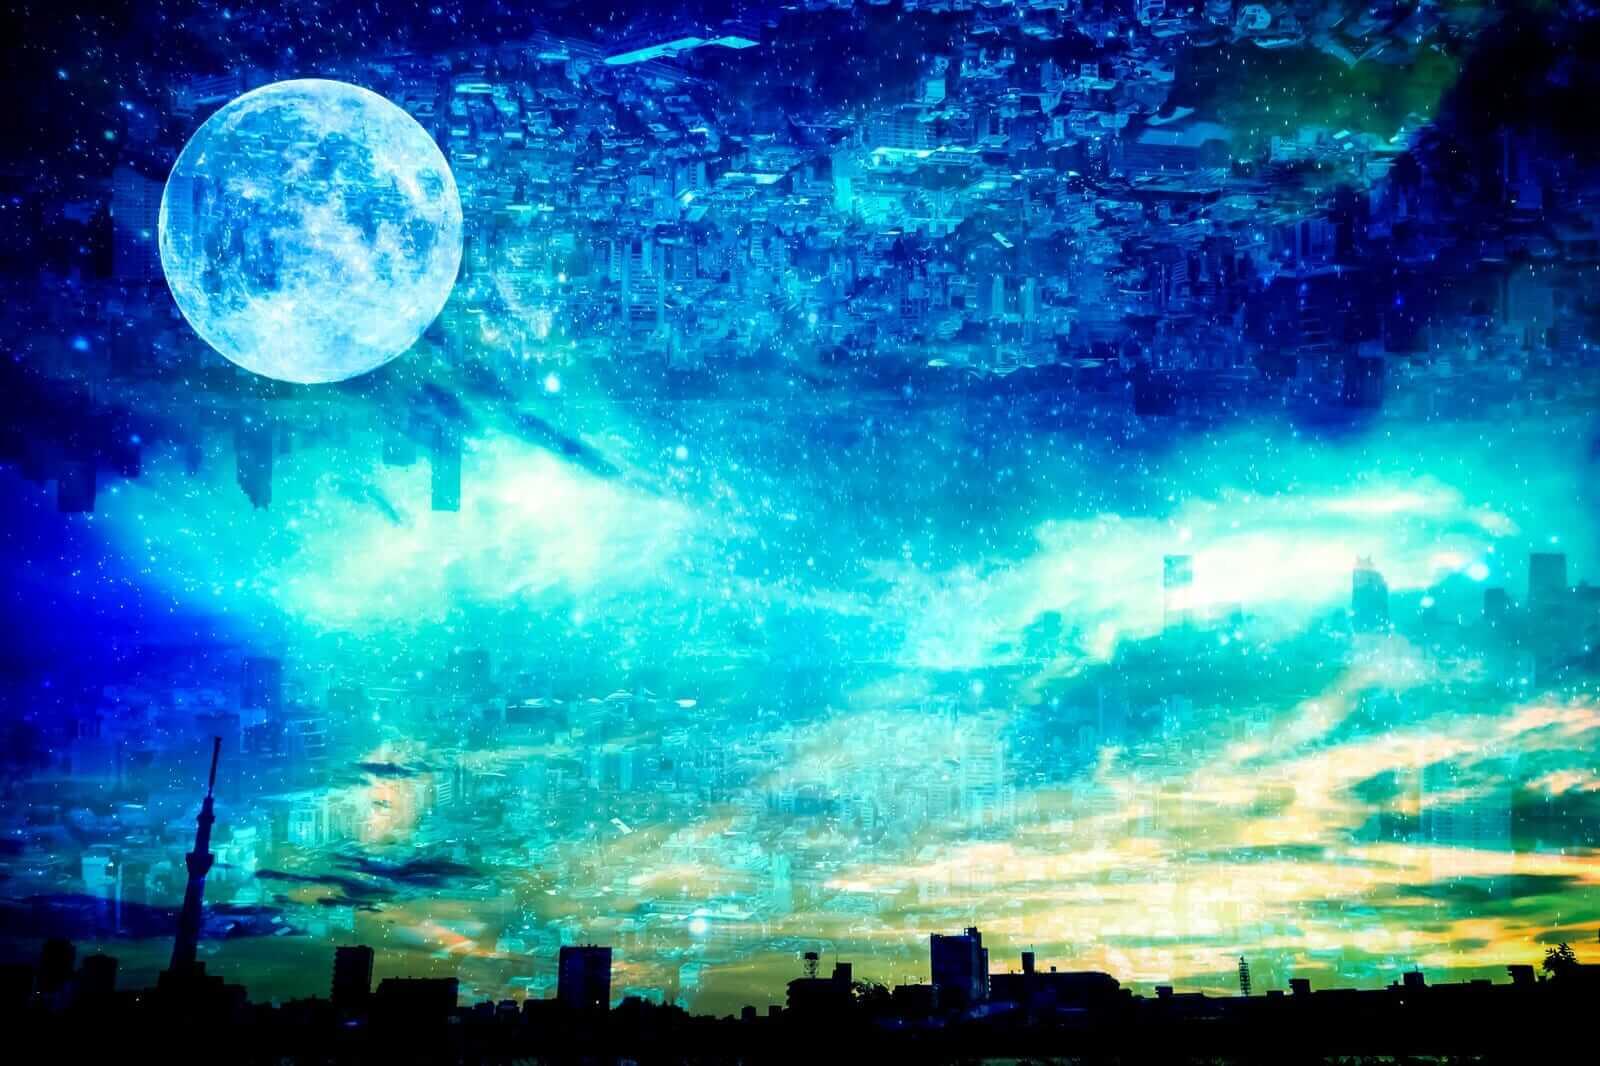 未来都市にも、今の世界にも、潜在意識、阿頼耶識の月変わらずにある。